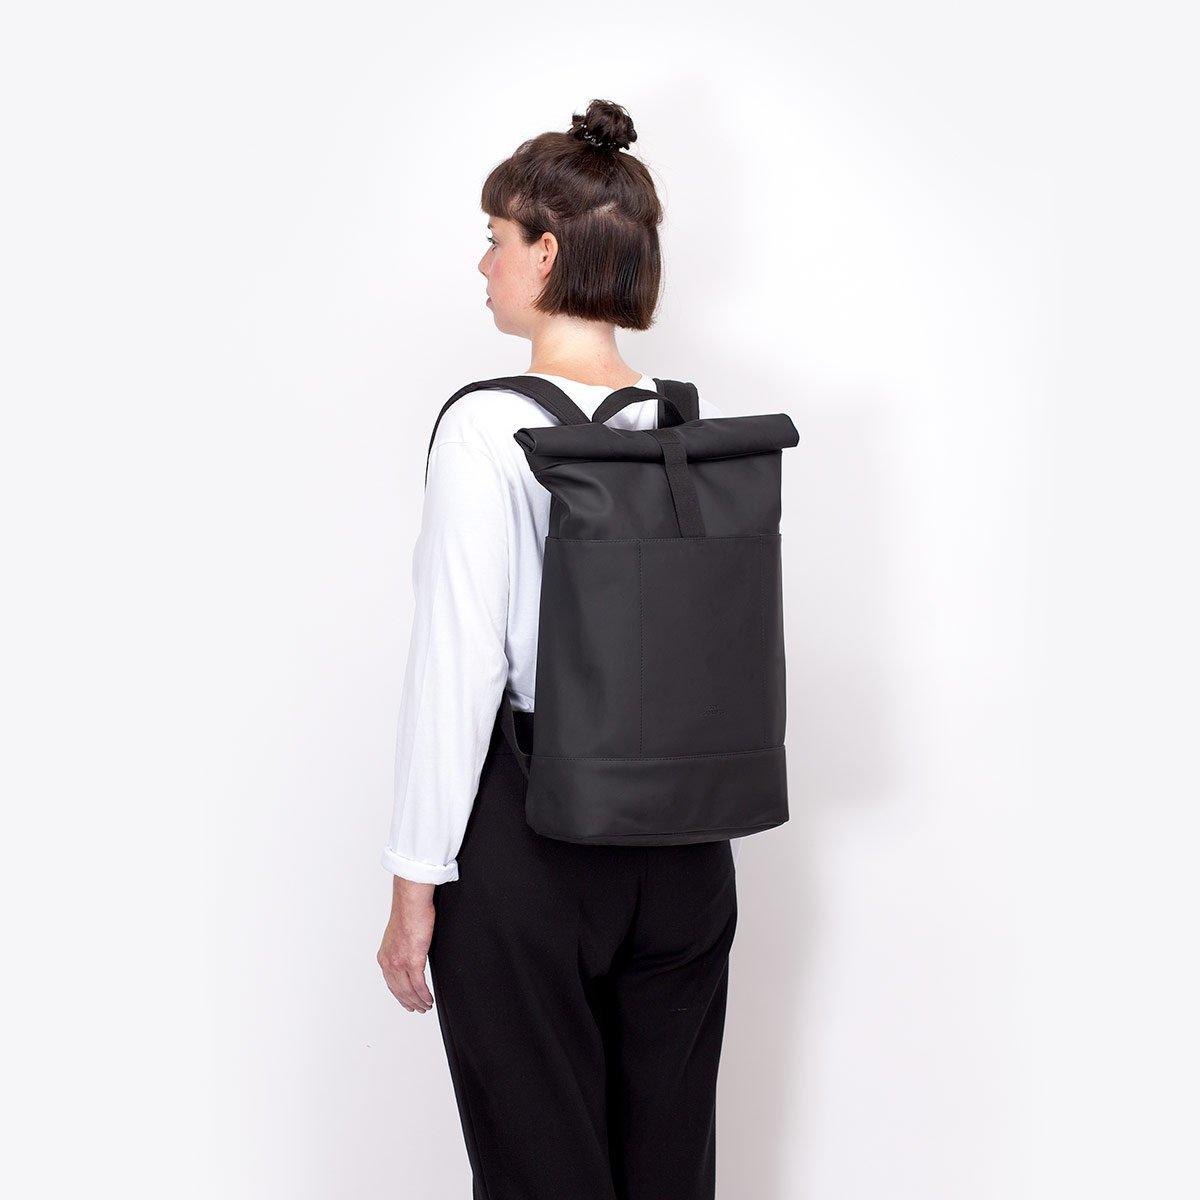 UA_Hajo-Backpack_Lotus-Series_Black_10_2560x